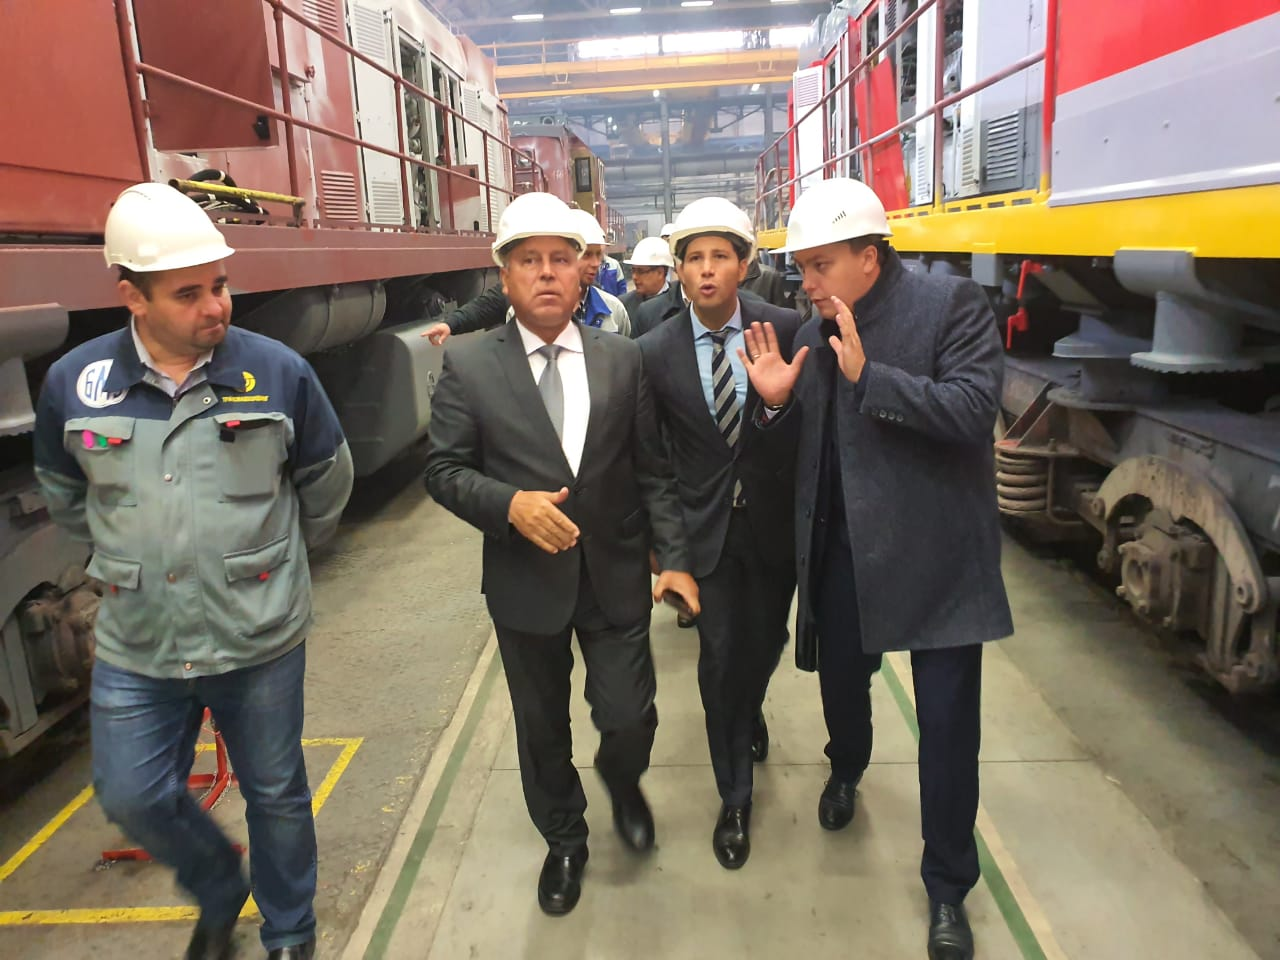 صور| وزير النقل في جولة بمصنع ترانسماش لجرارات السكك الحديدية في روسيا